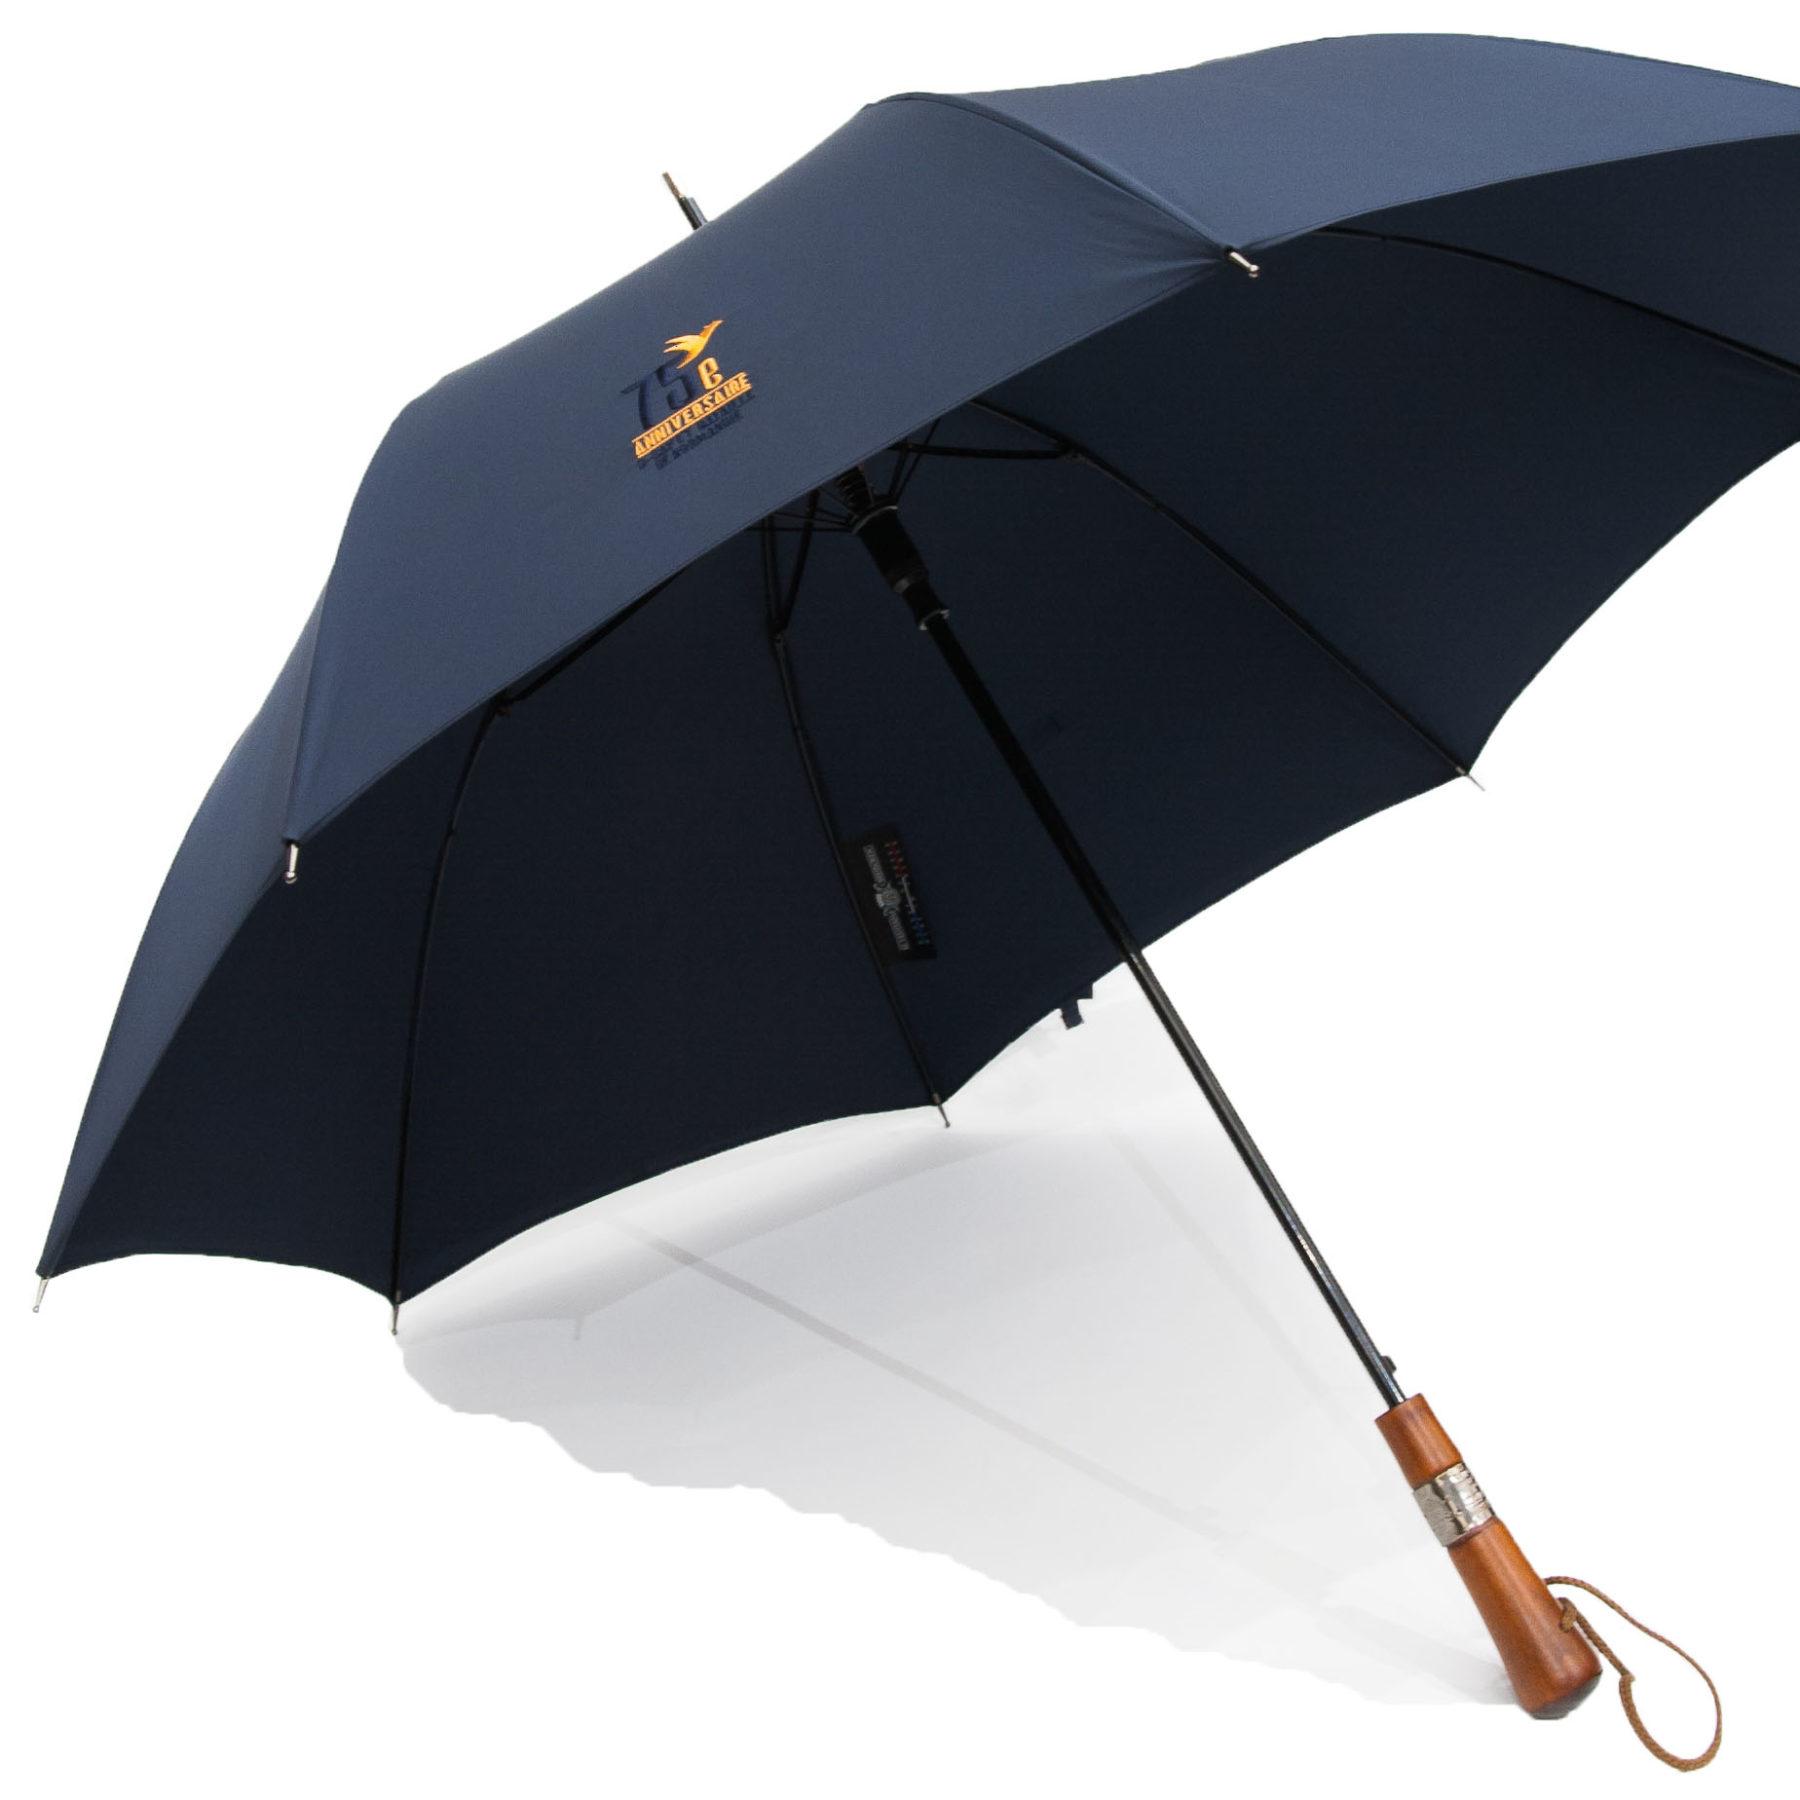 Parapluie antibourrasque collector 75e D-DAY - Navy - poignée droite- charme du jura - brodé 75e anniversaire D-DAY